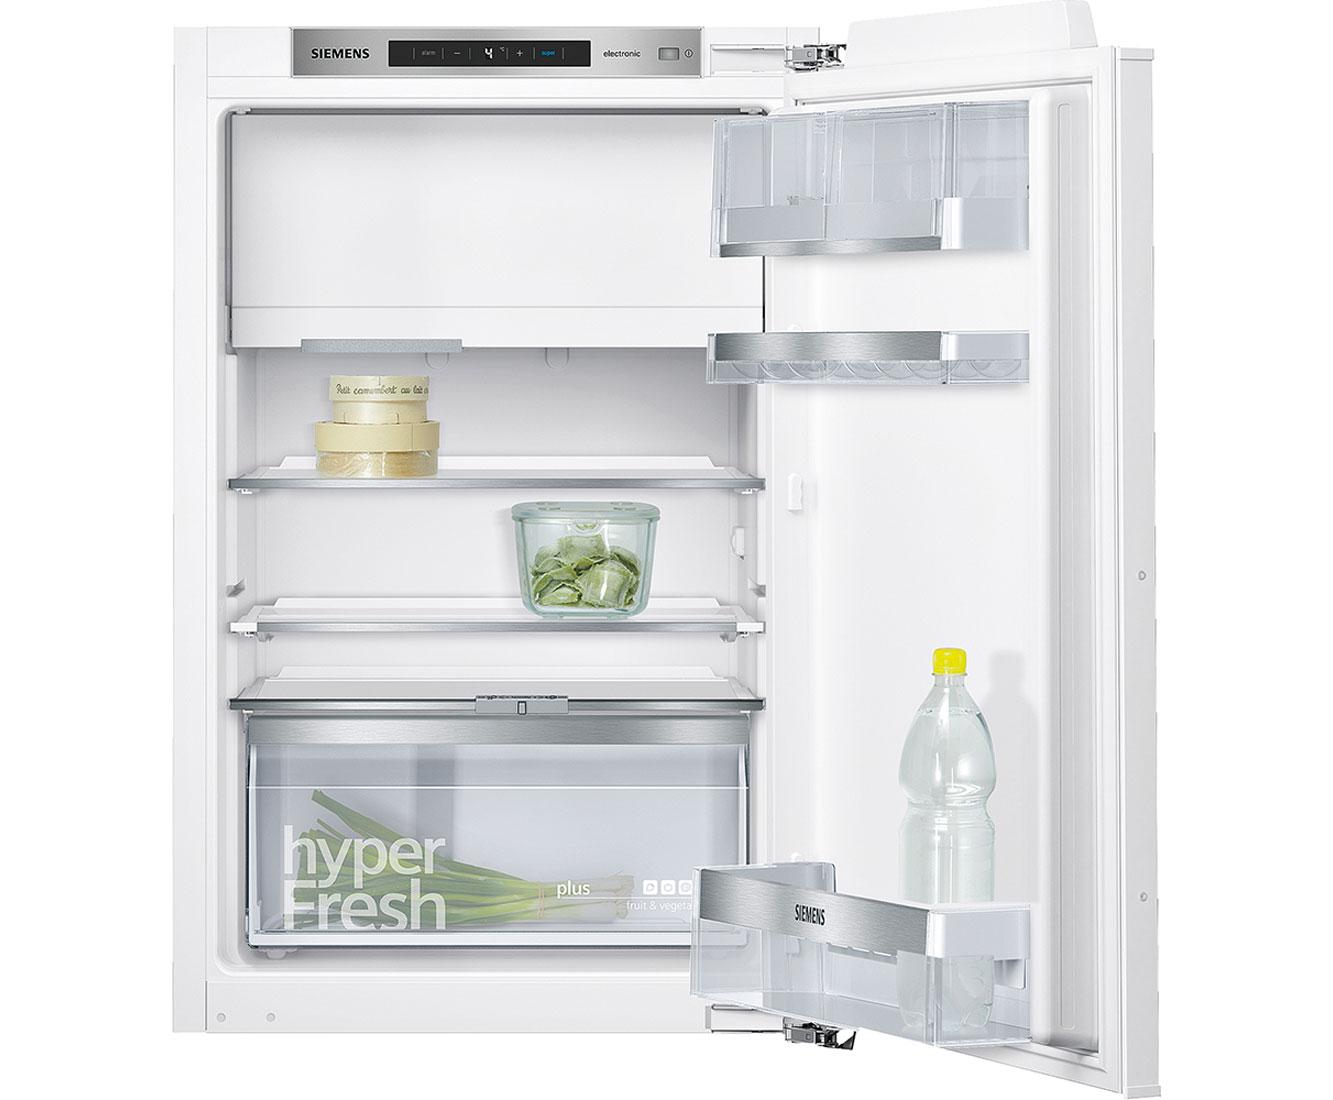 Siemens Kühlschrank In Betrieb Nehmen : Siemens ki laf einbau kühlschrank mit gefrierfach er nische